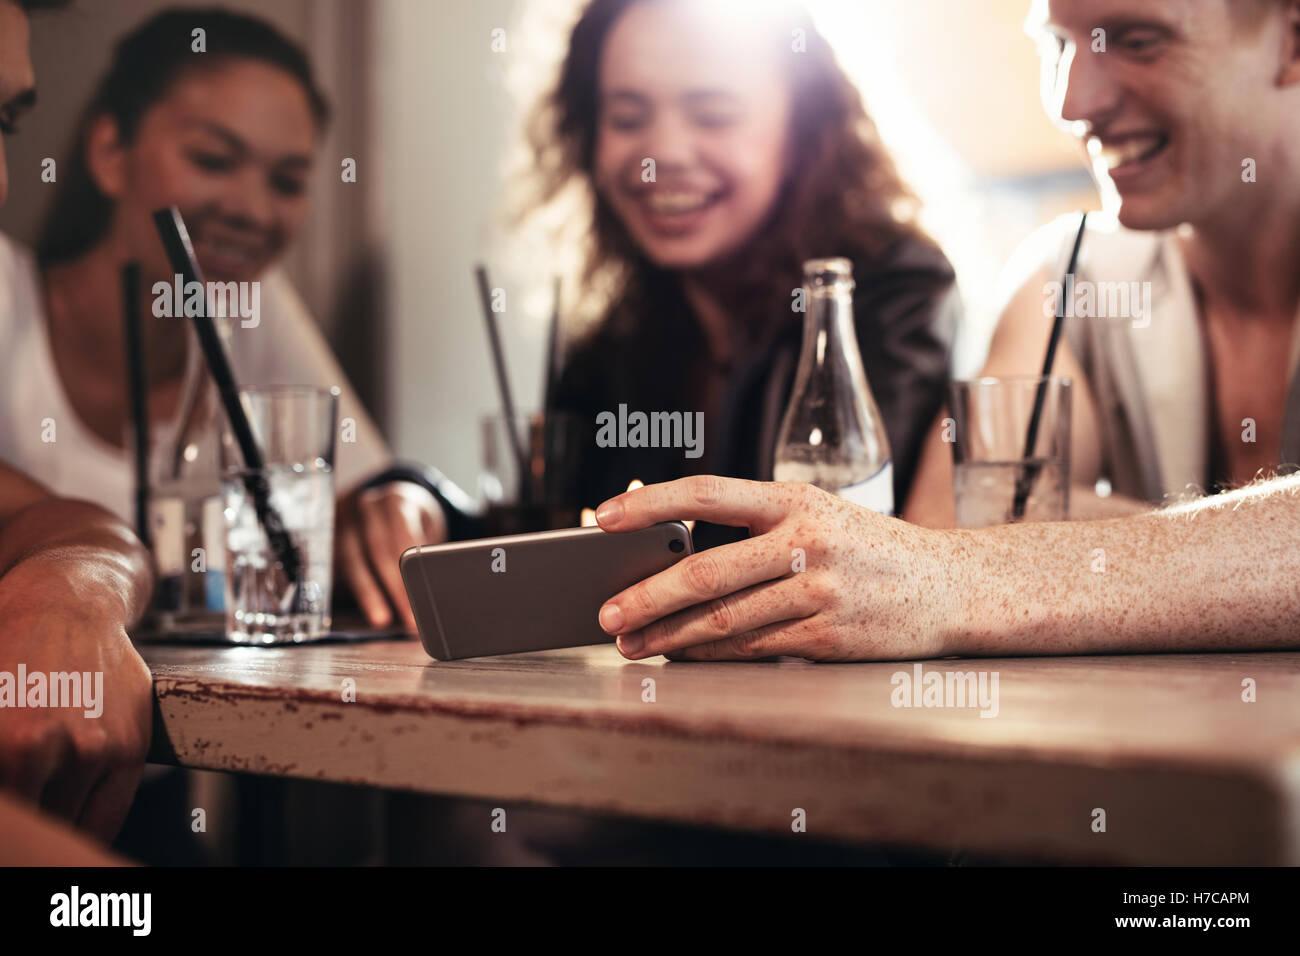 Groupe d'amis assis dans un bar et regarder une vidéo amusante sur téléphone mobile, l'accent Photo Stock